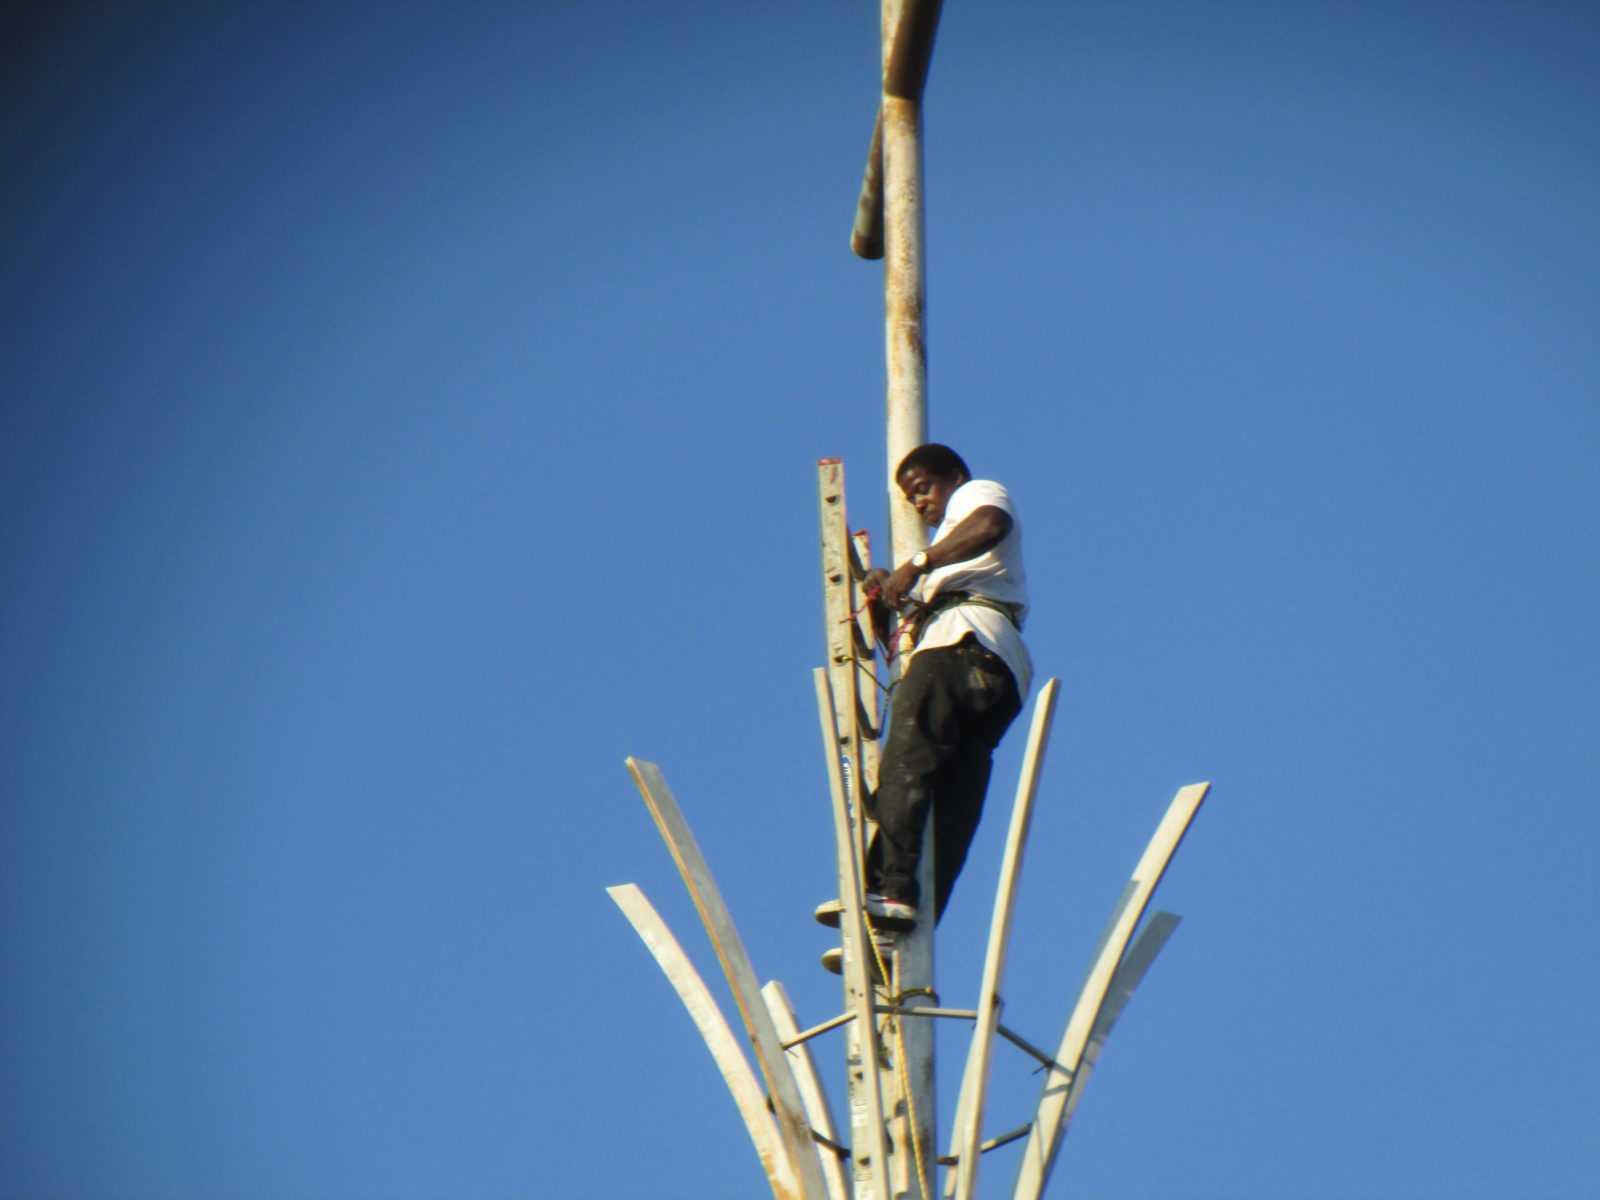 Prefab steeple repair